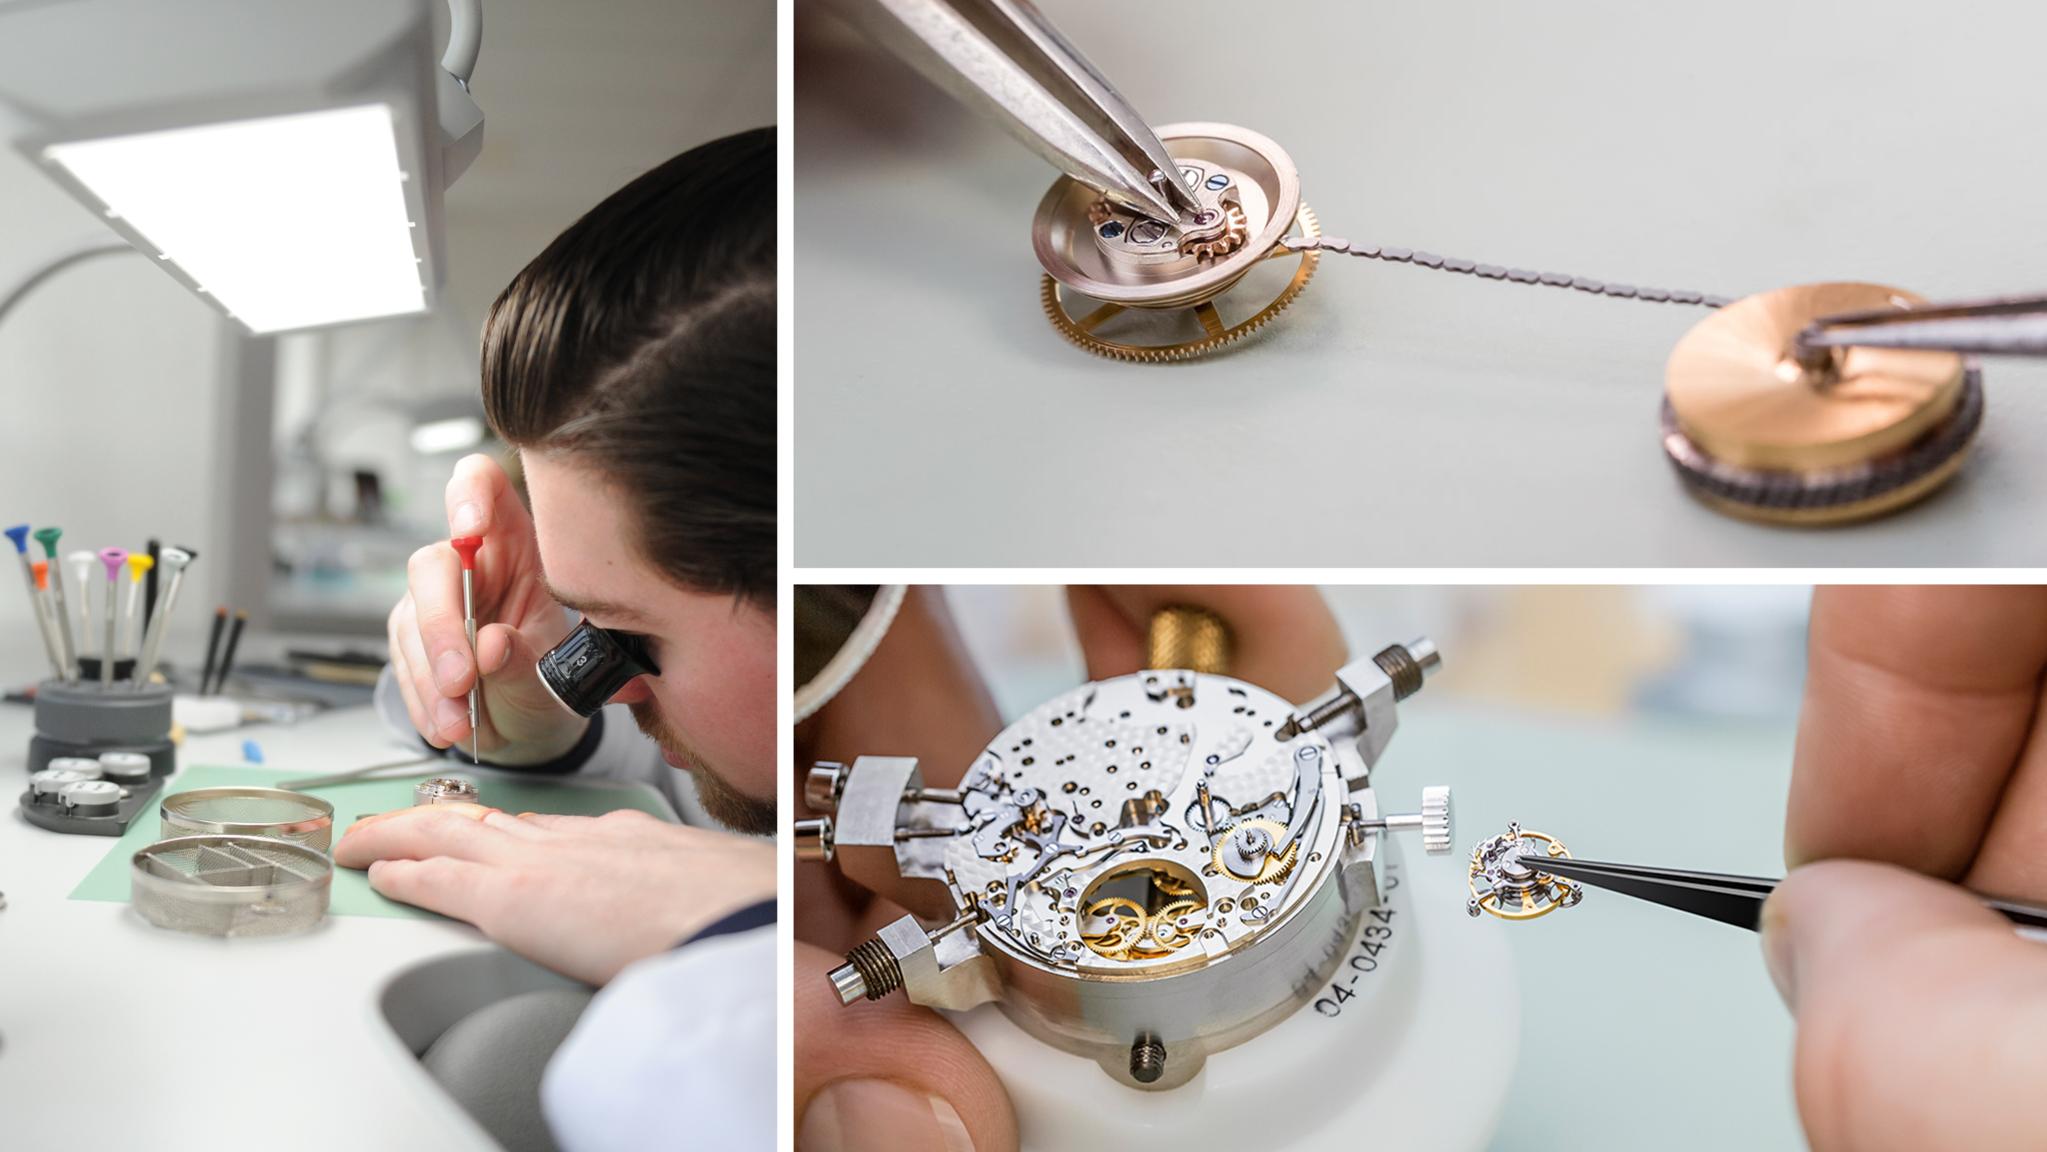 Basistips voor de onderhoud van uw horloge!